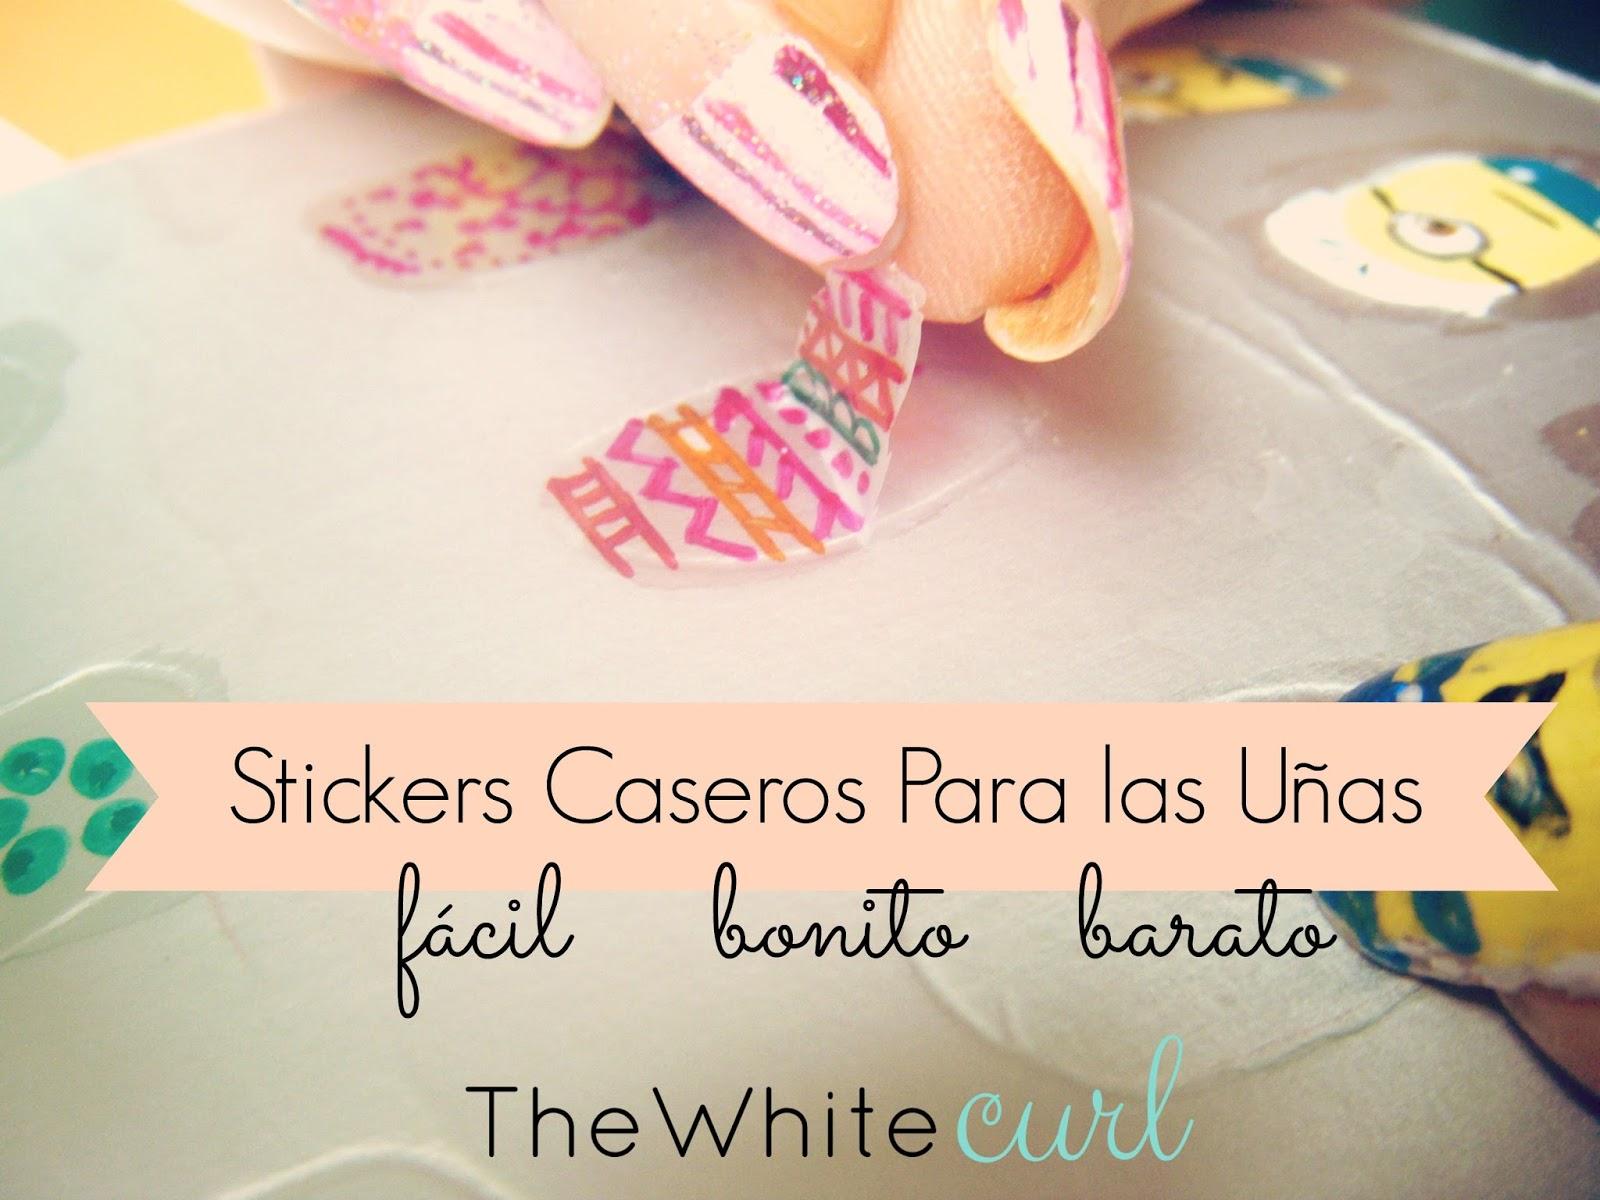 DIY Stickers para Uñas caseros - The White Curl